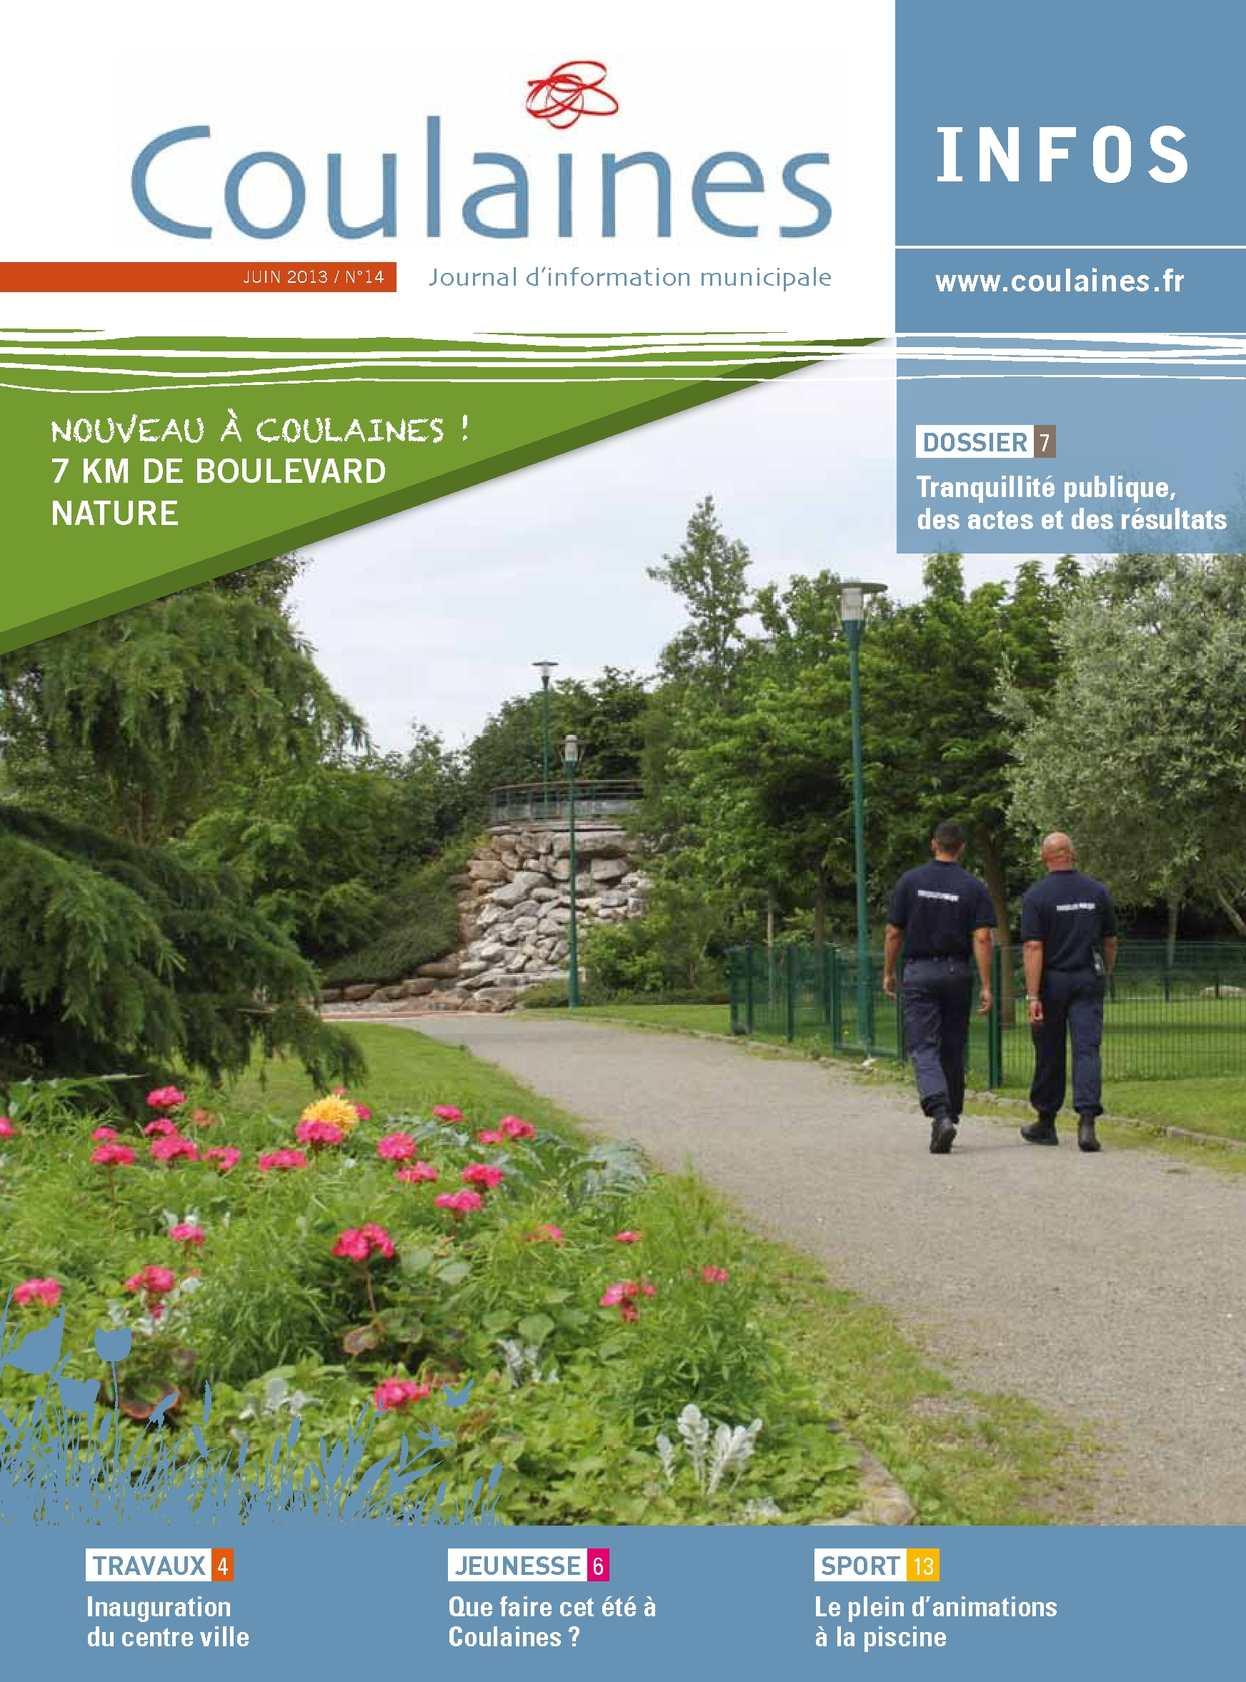 Calaméo - Coulaines infos juin 2013